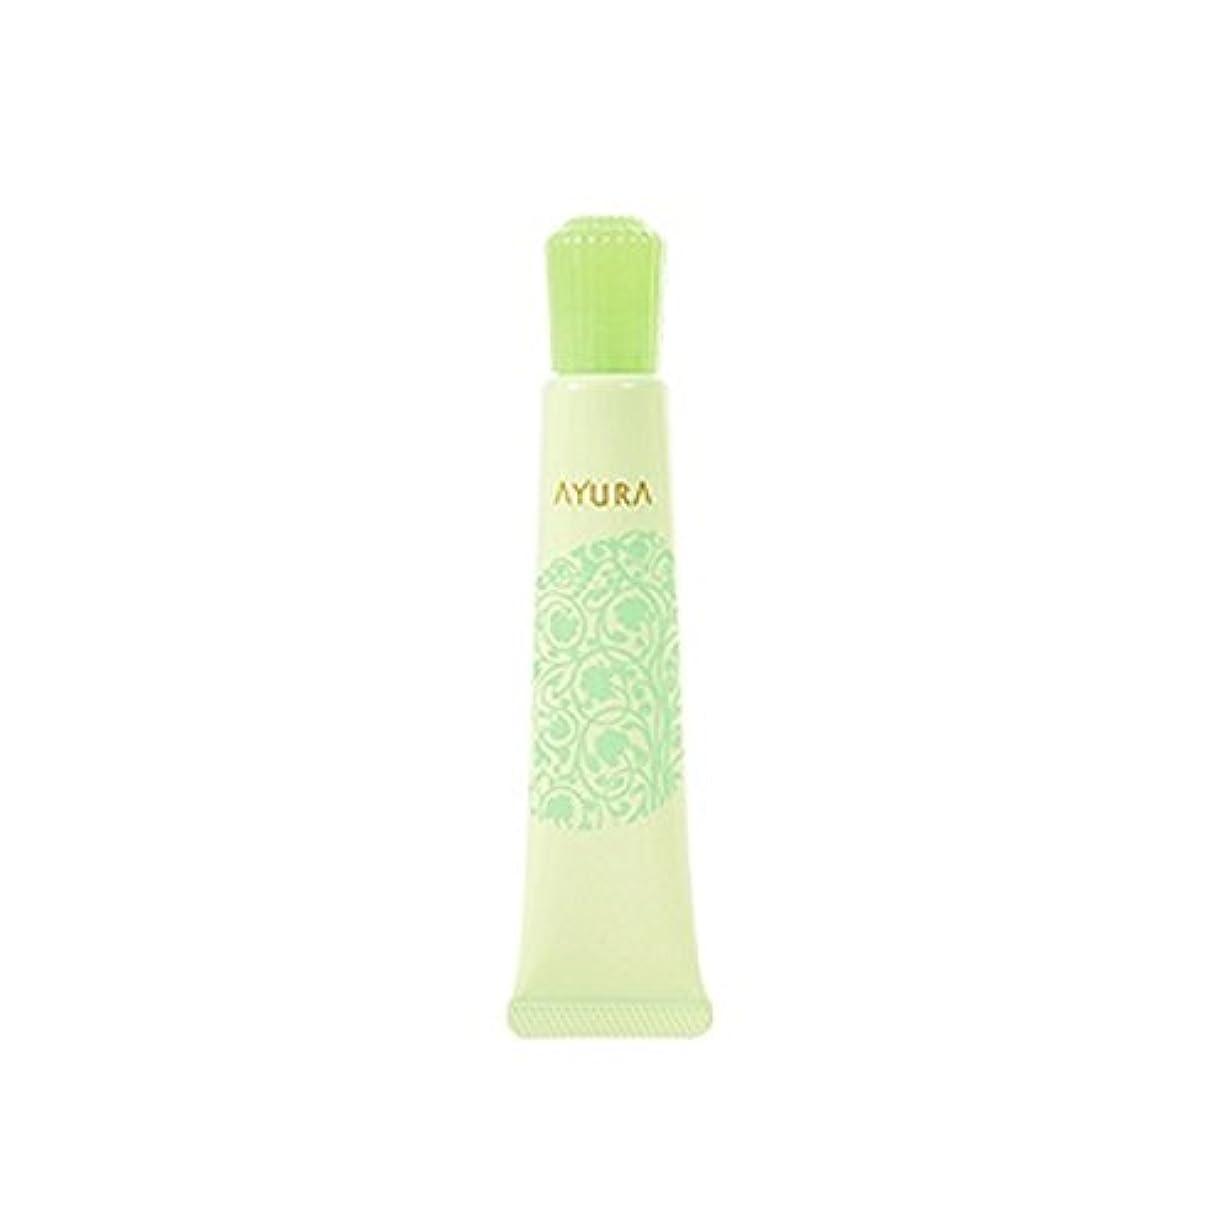 犯す大いにバリーアユーラ (AYURA) ハンドオアシス 〈ハンド用美容液〉 アロマティックハーブとユーカリの軽やかな香り